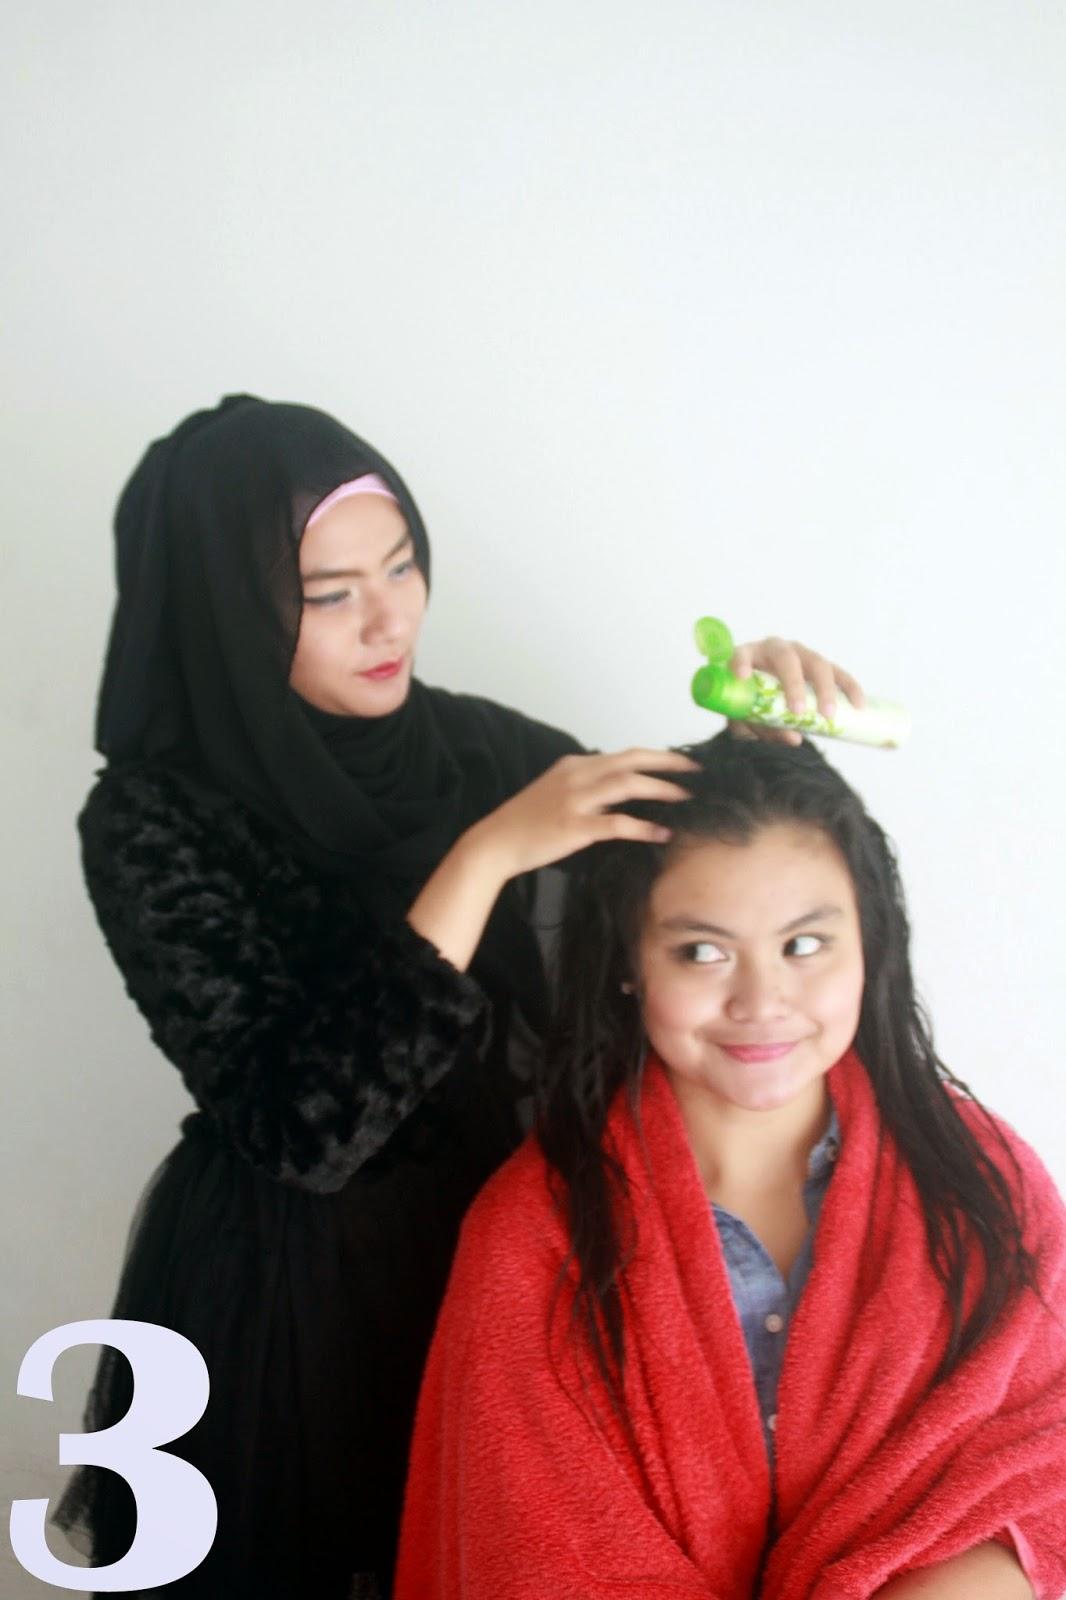 Pantene Con 3 Minutem Hair Fall Control 180ml4 Daftar Harga Pigeon Kids Wash 350ml Liquid Strawberry Grape Refill Pr070105 Lalu Pakai Hijab Conditioner Yang Membuat Rambut Elo Gak Gampang Lepek